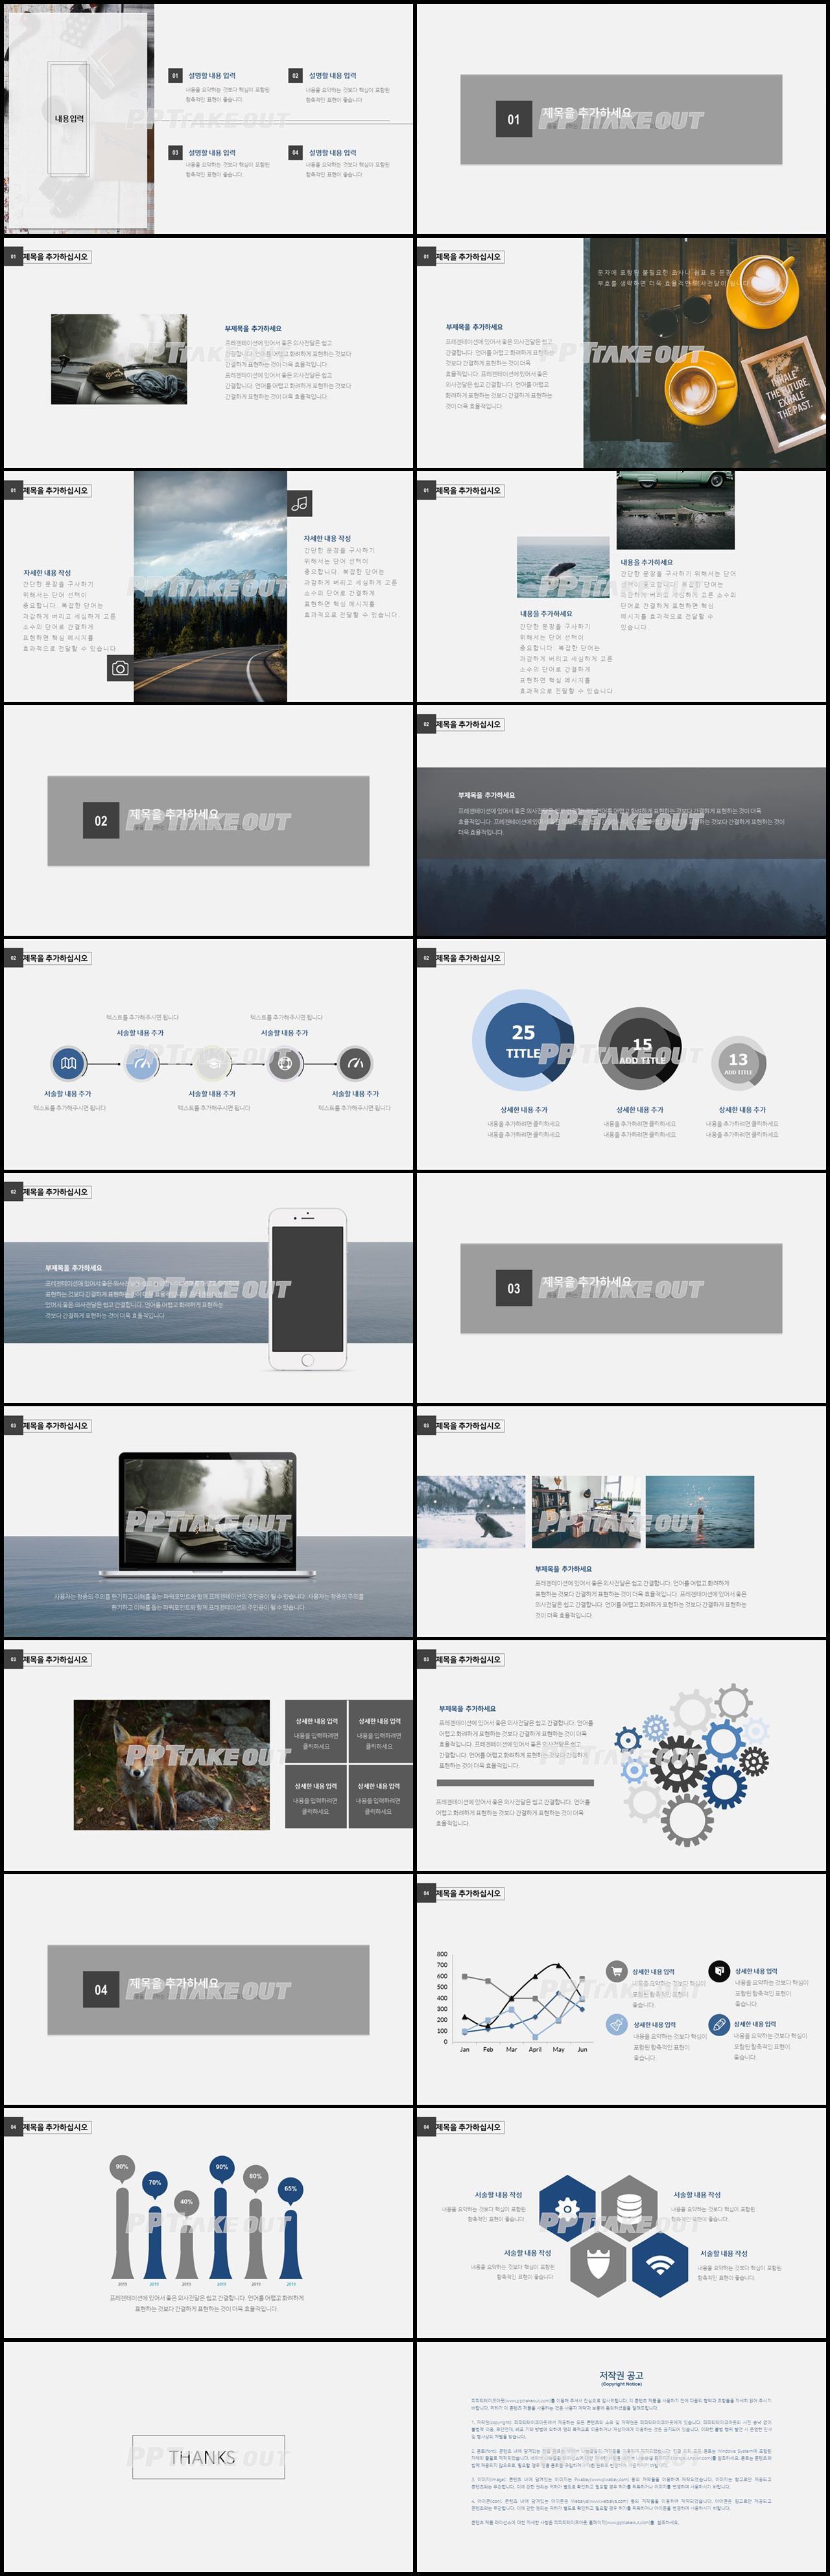 상업계획 그레이 현대적인 프로급 POWERPOINT탬플릿 사이트 상세보기